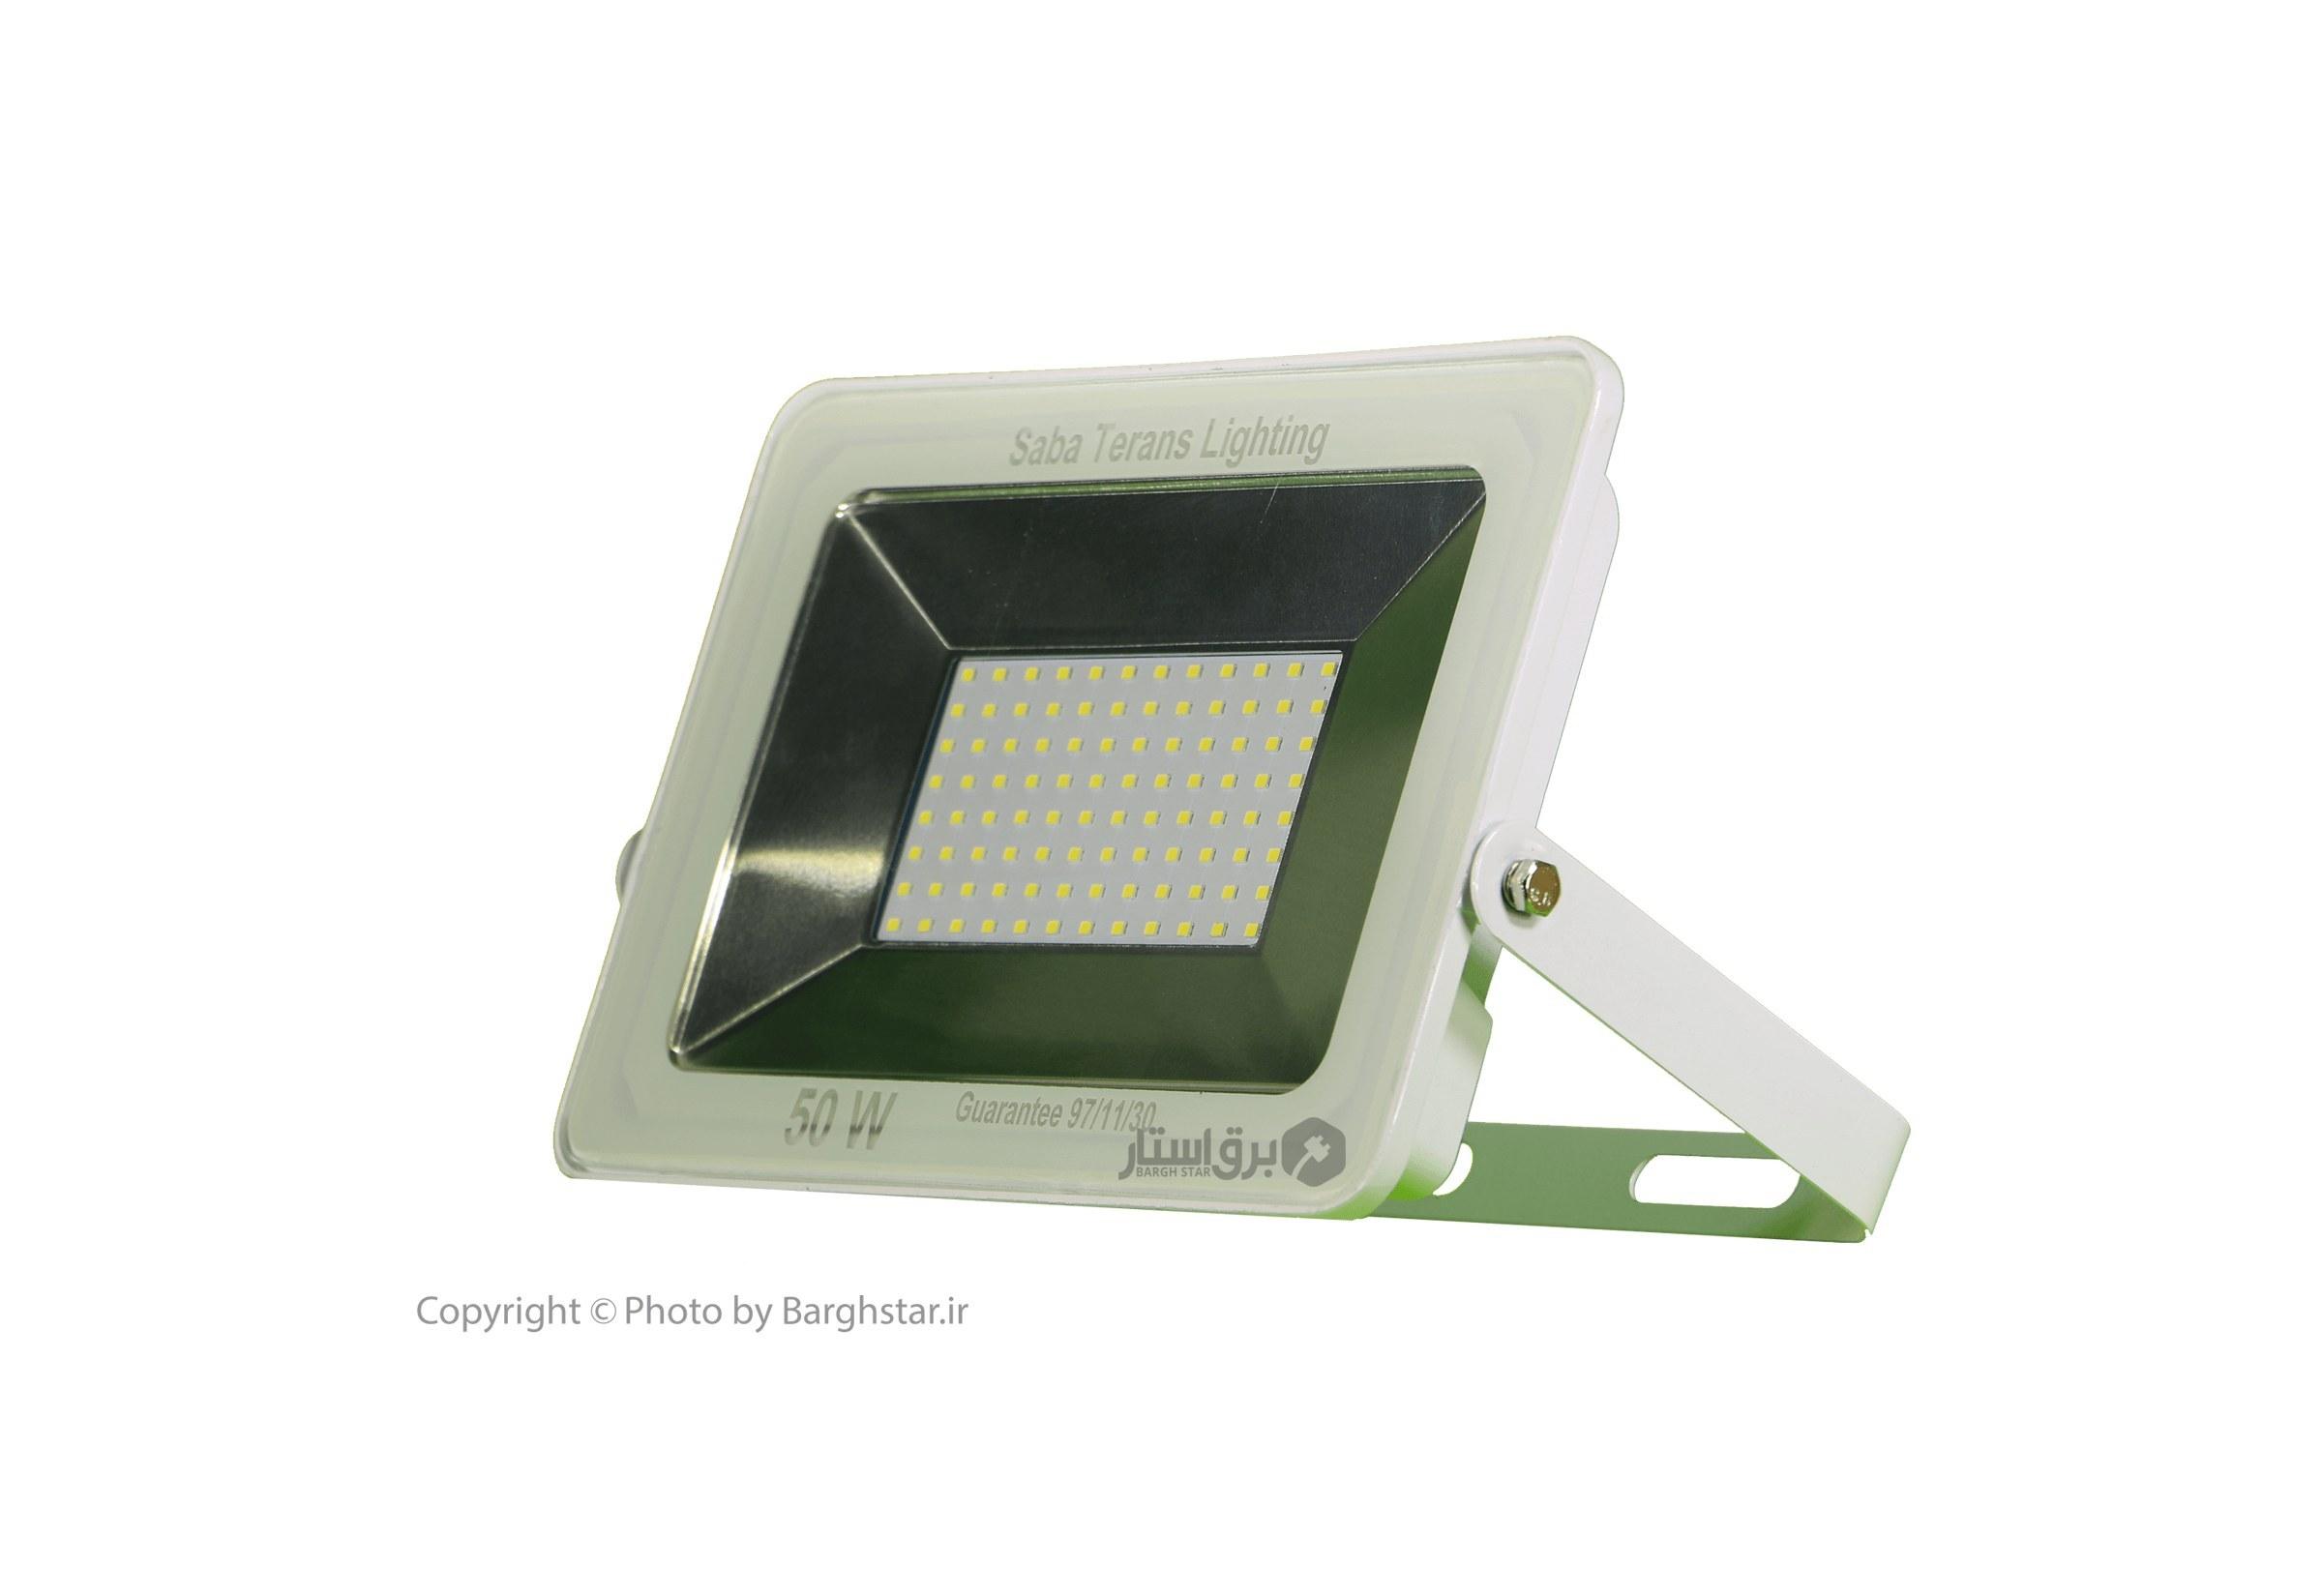 تصویر پروژکتور ال ای دی 50 وات آی پد صبا ترانس (LED-SMD)